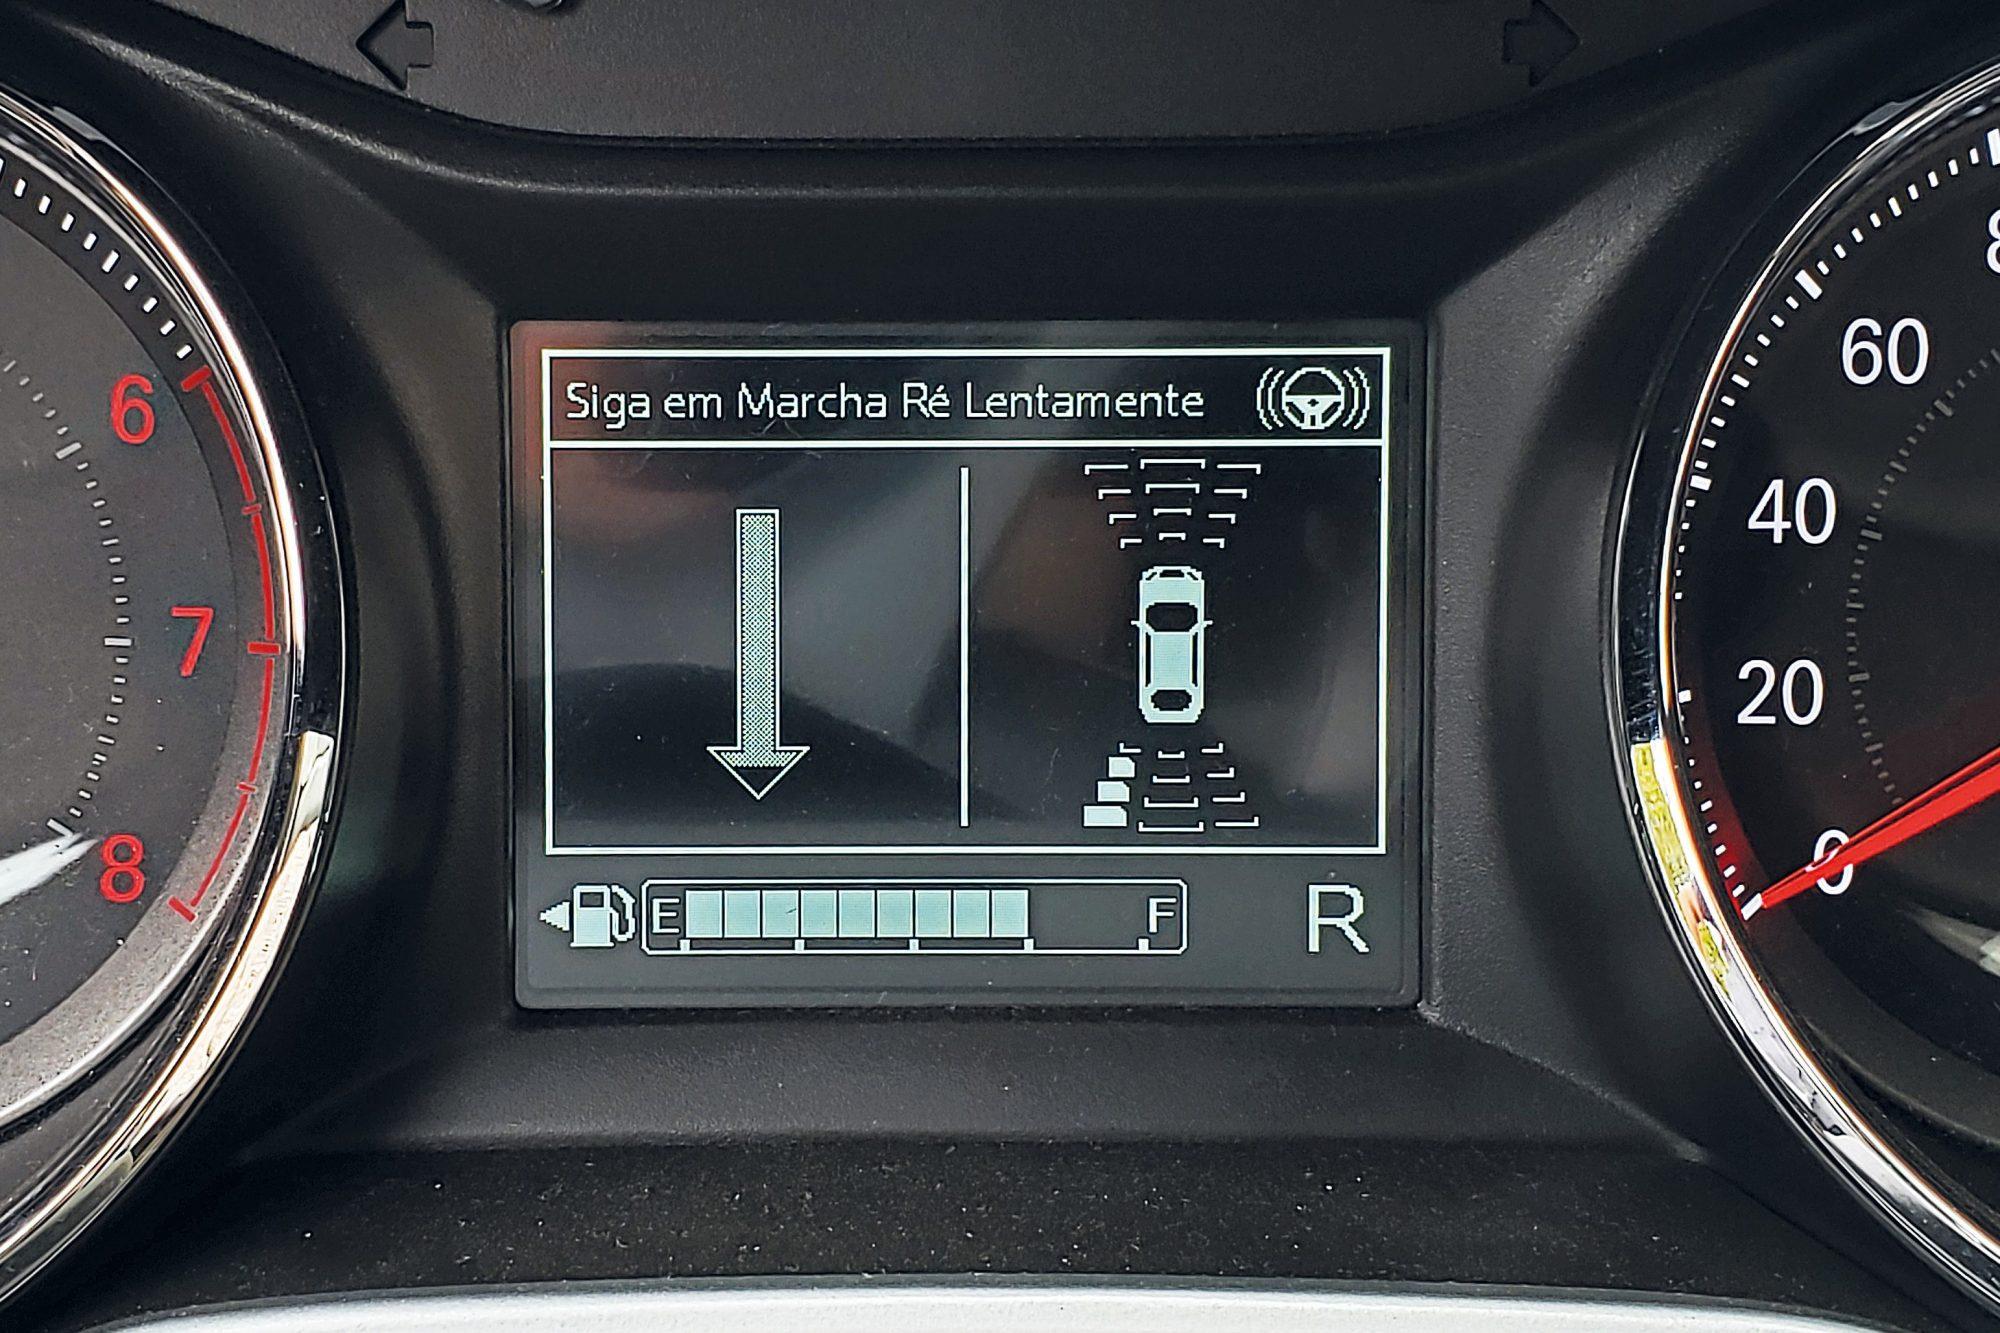 Computador de bordo mostra as indicações de movimentação do carro